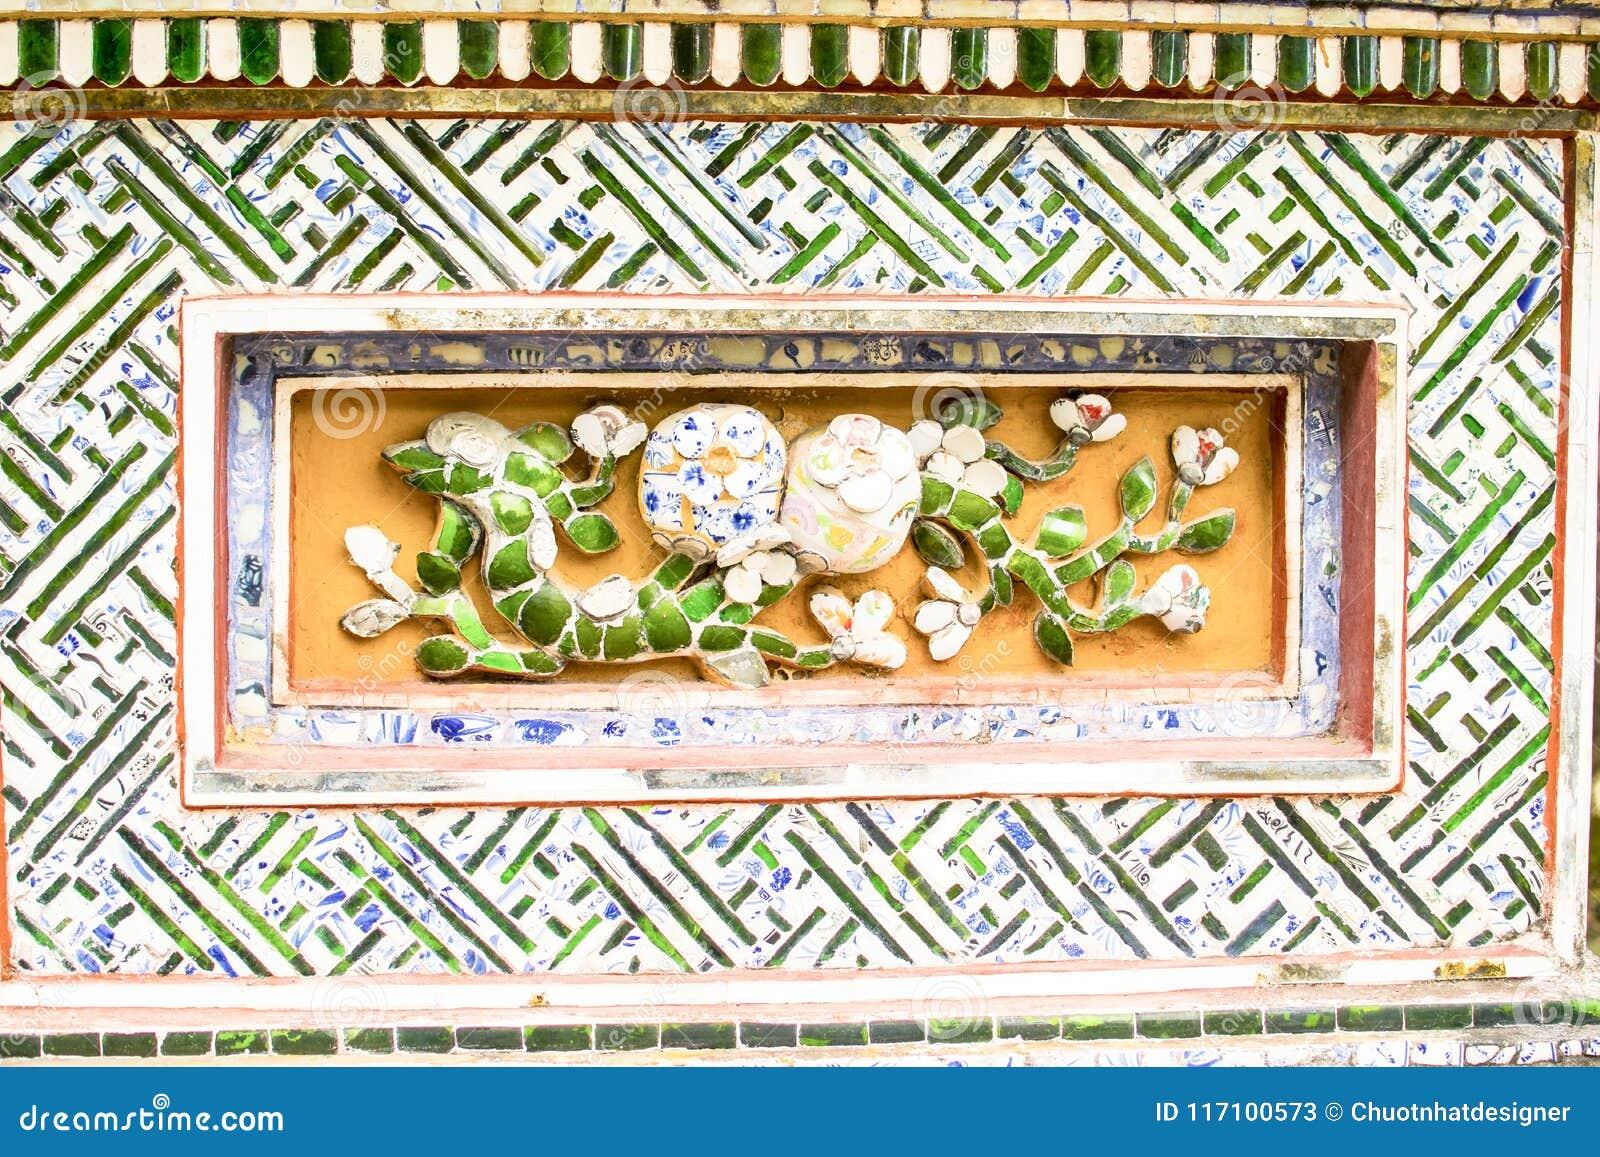 ОТТЕНОК, ВЬЕТНАМ, 28-ое апреля 2018: Часть старой стены с старым декоративным элементом Вьетнам